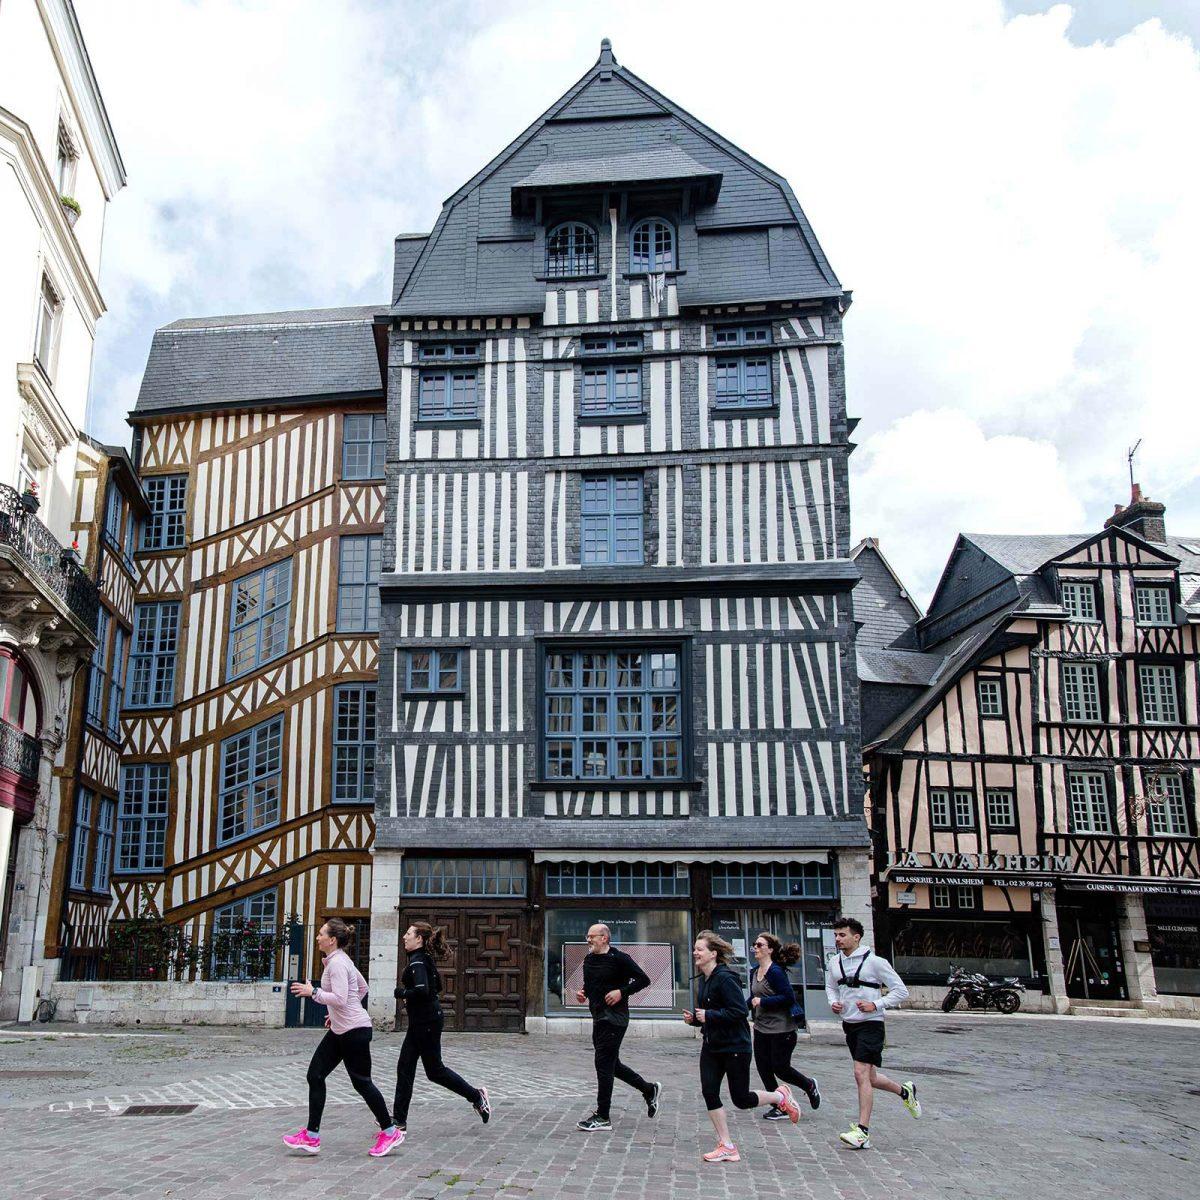 Maisons à pans de bois à Rouen